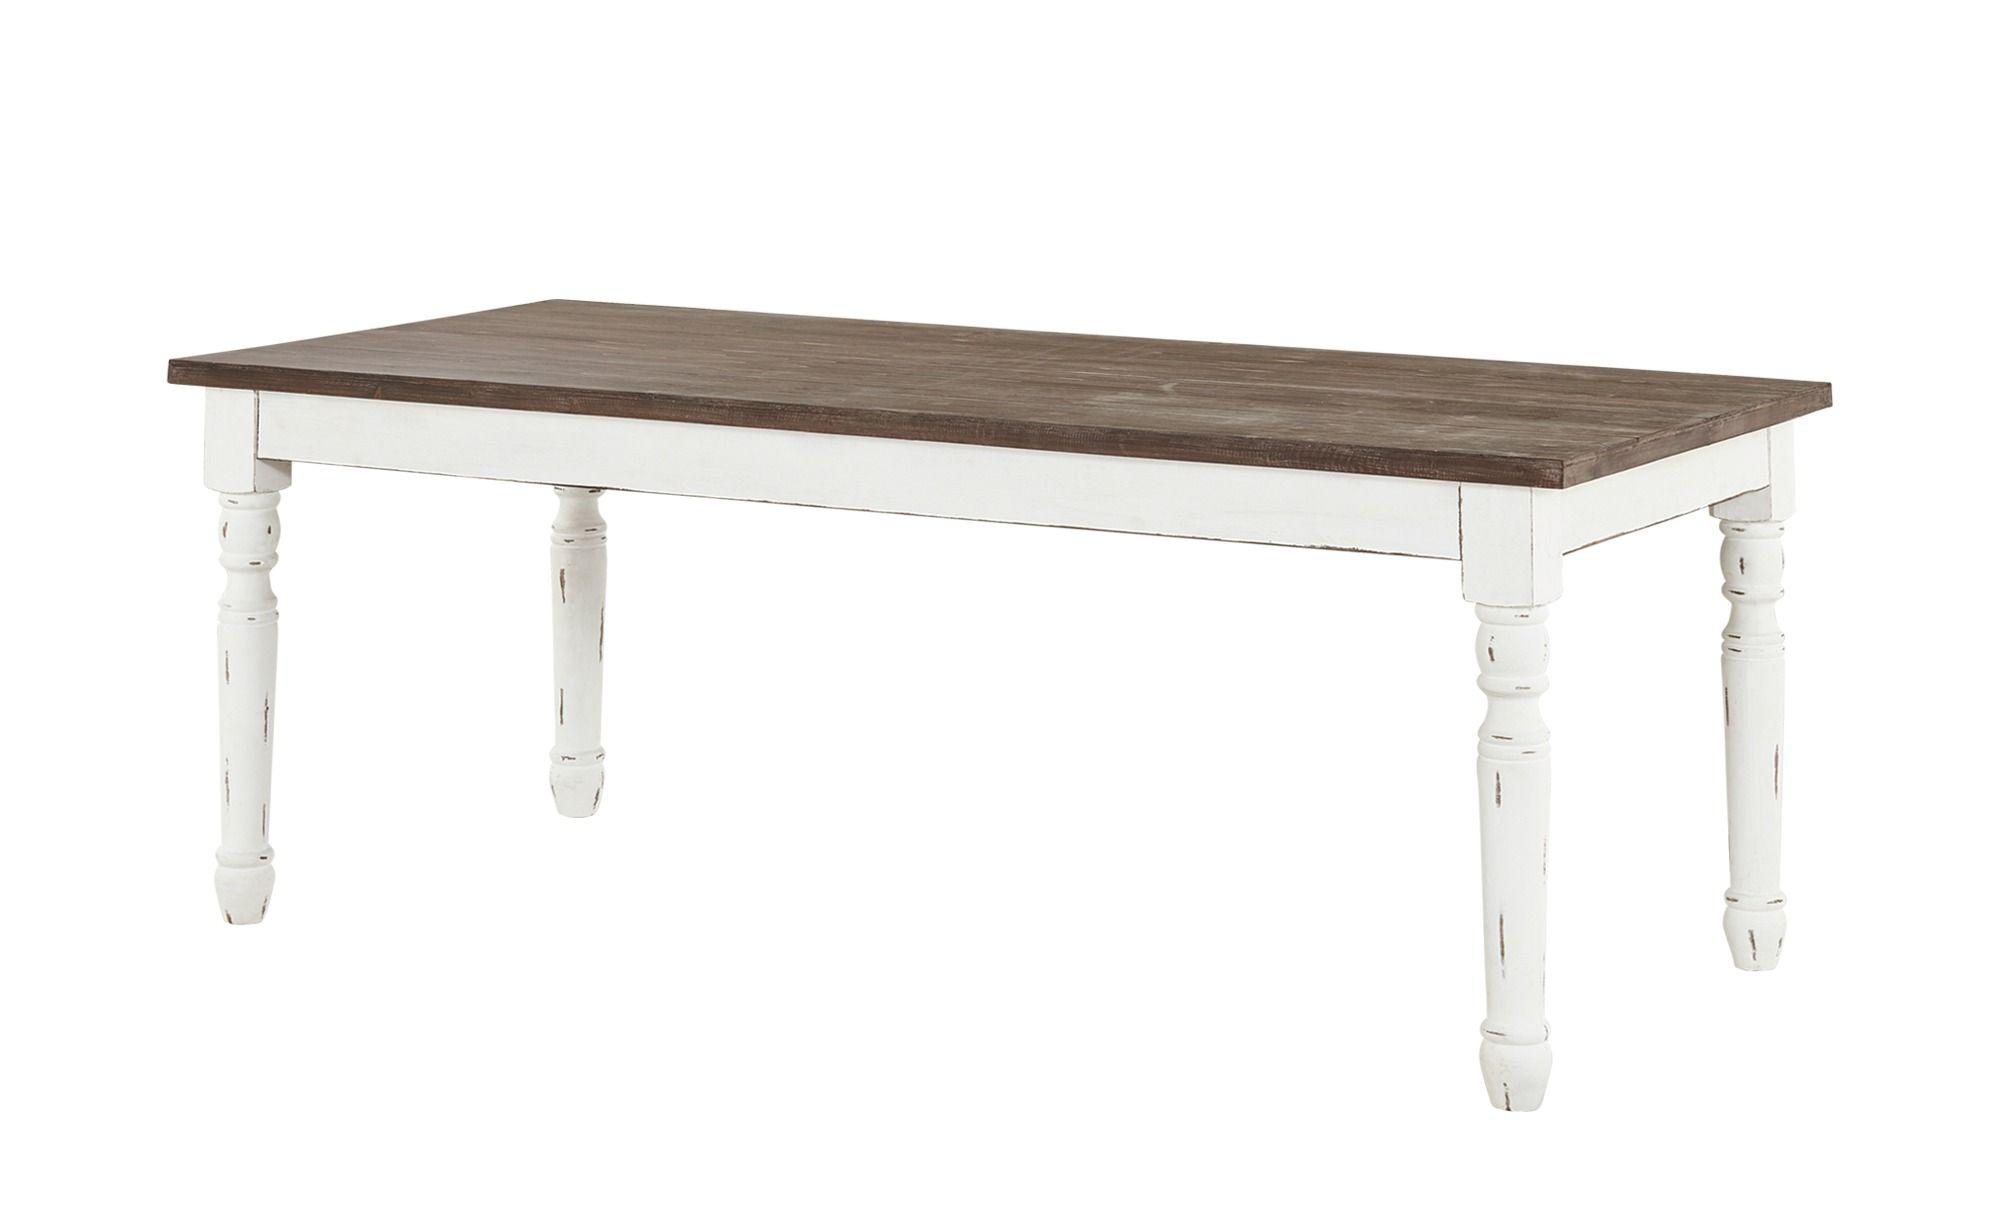 Esstisch Harrison Gefunden Bei Mobel Hoffner Esstisch Tisch Esstisch Stuhle